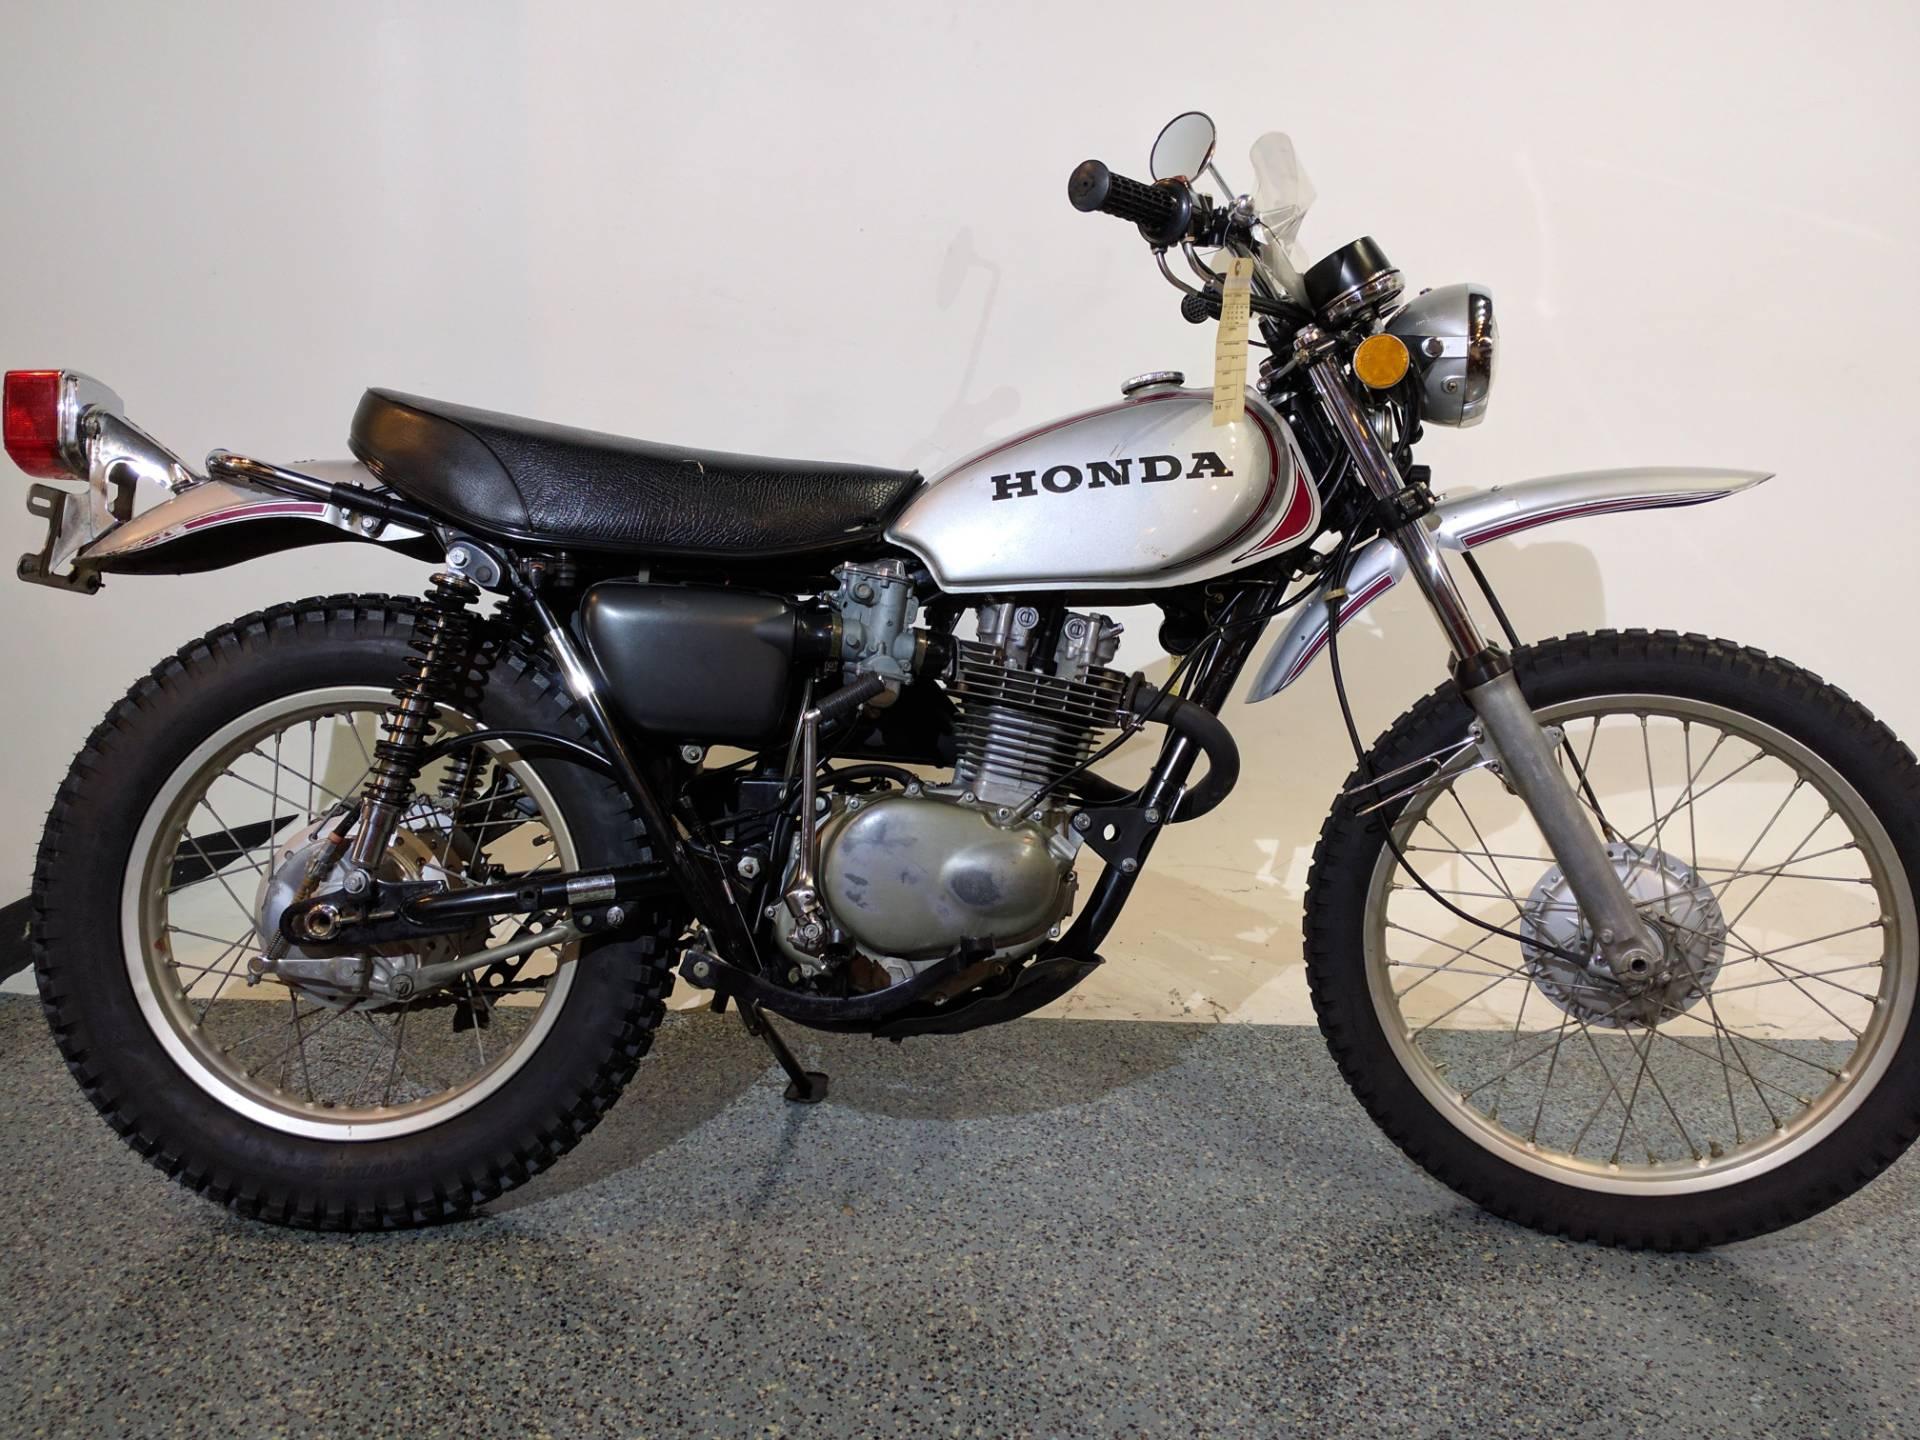 1973 honda xl250 silver motorcycles canton ohio mc022